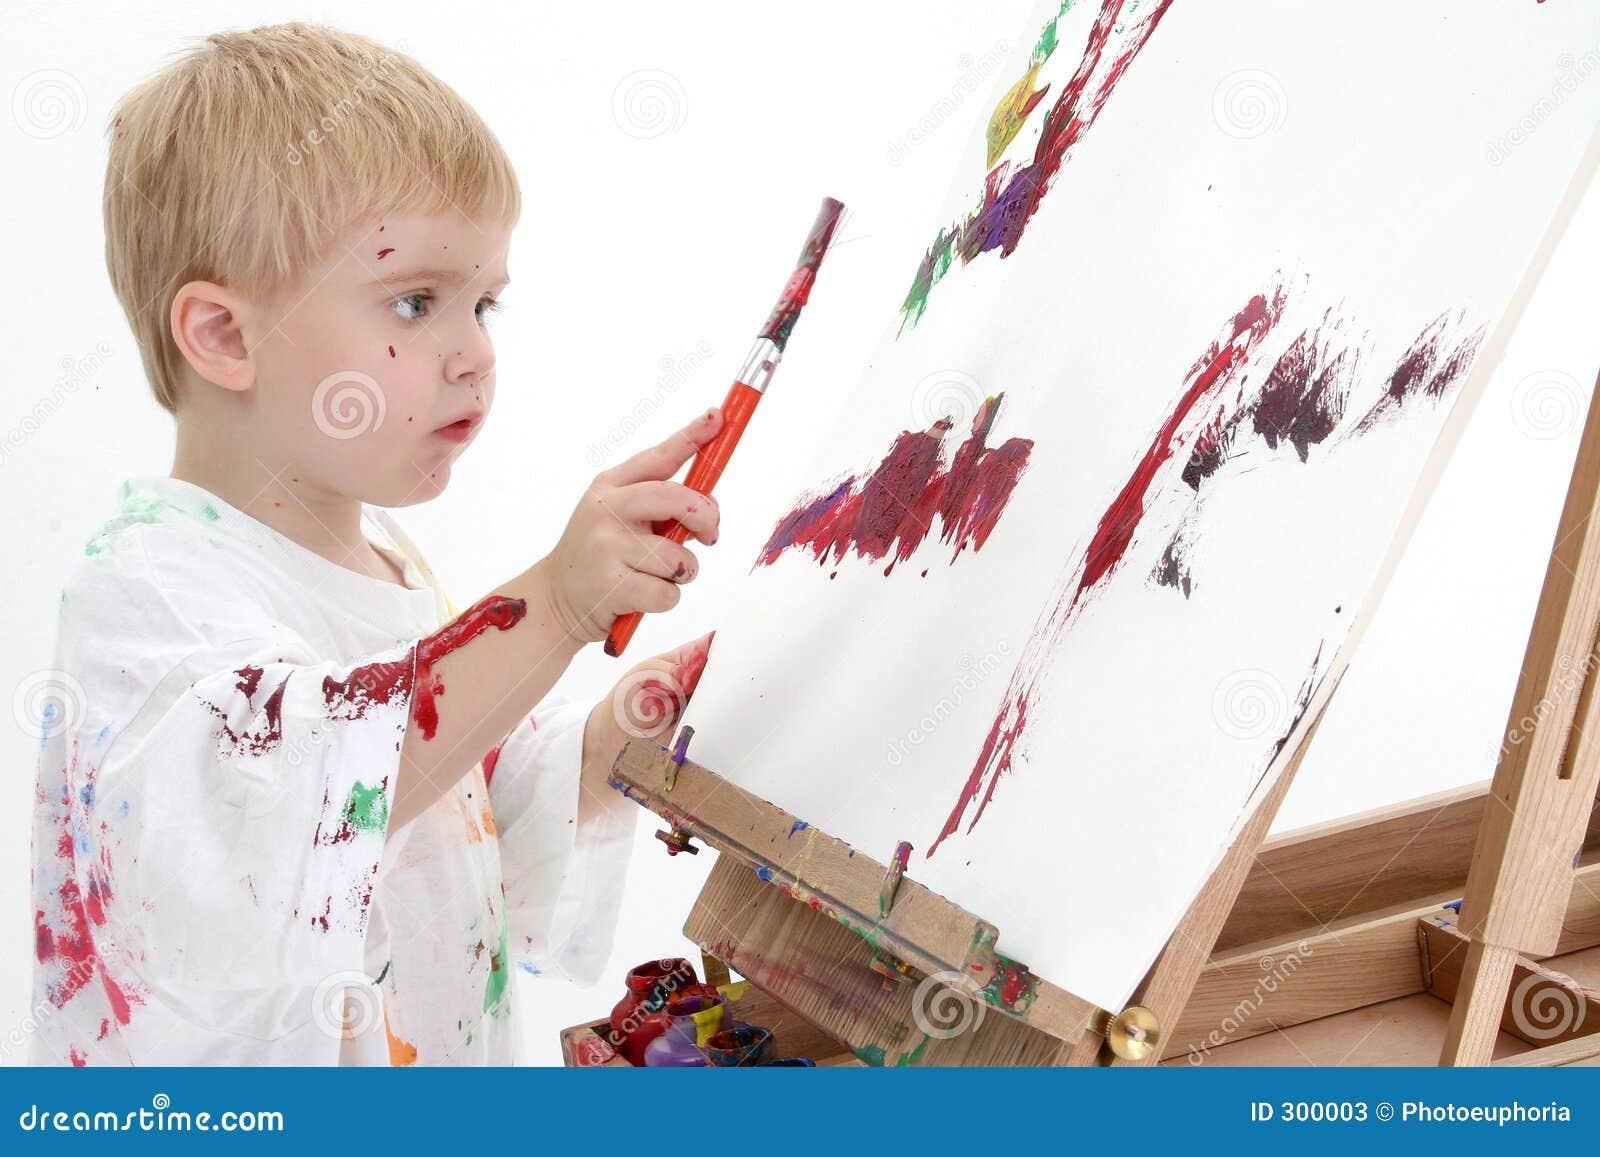 Het schilderen van de jongen van de peuter van addorable bij schildersezel stock afbeelding - Ruimte van de jongen kleur schilderen ...